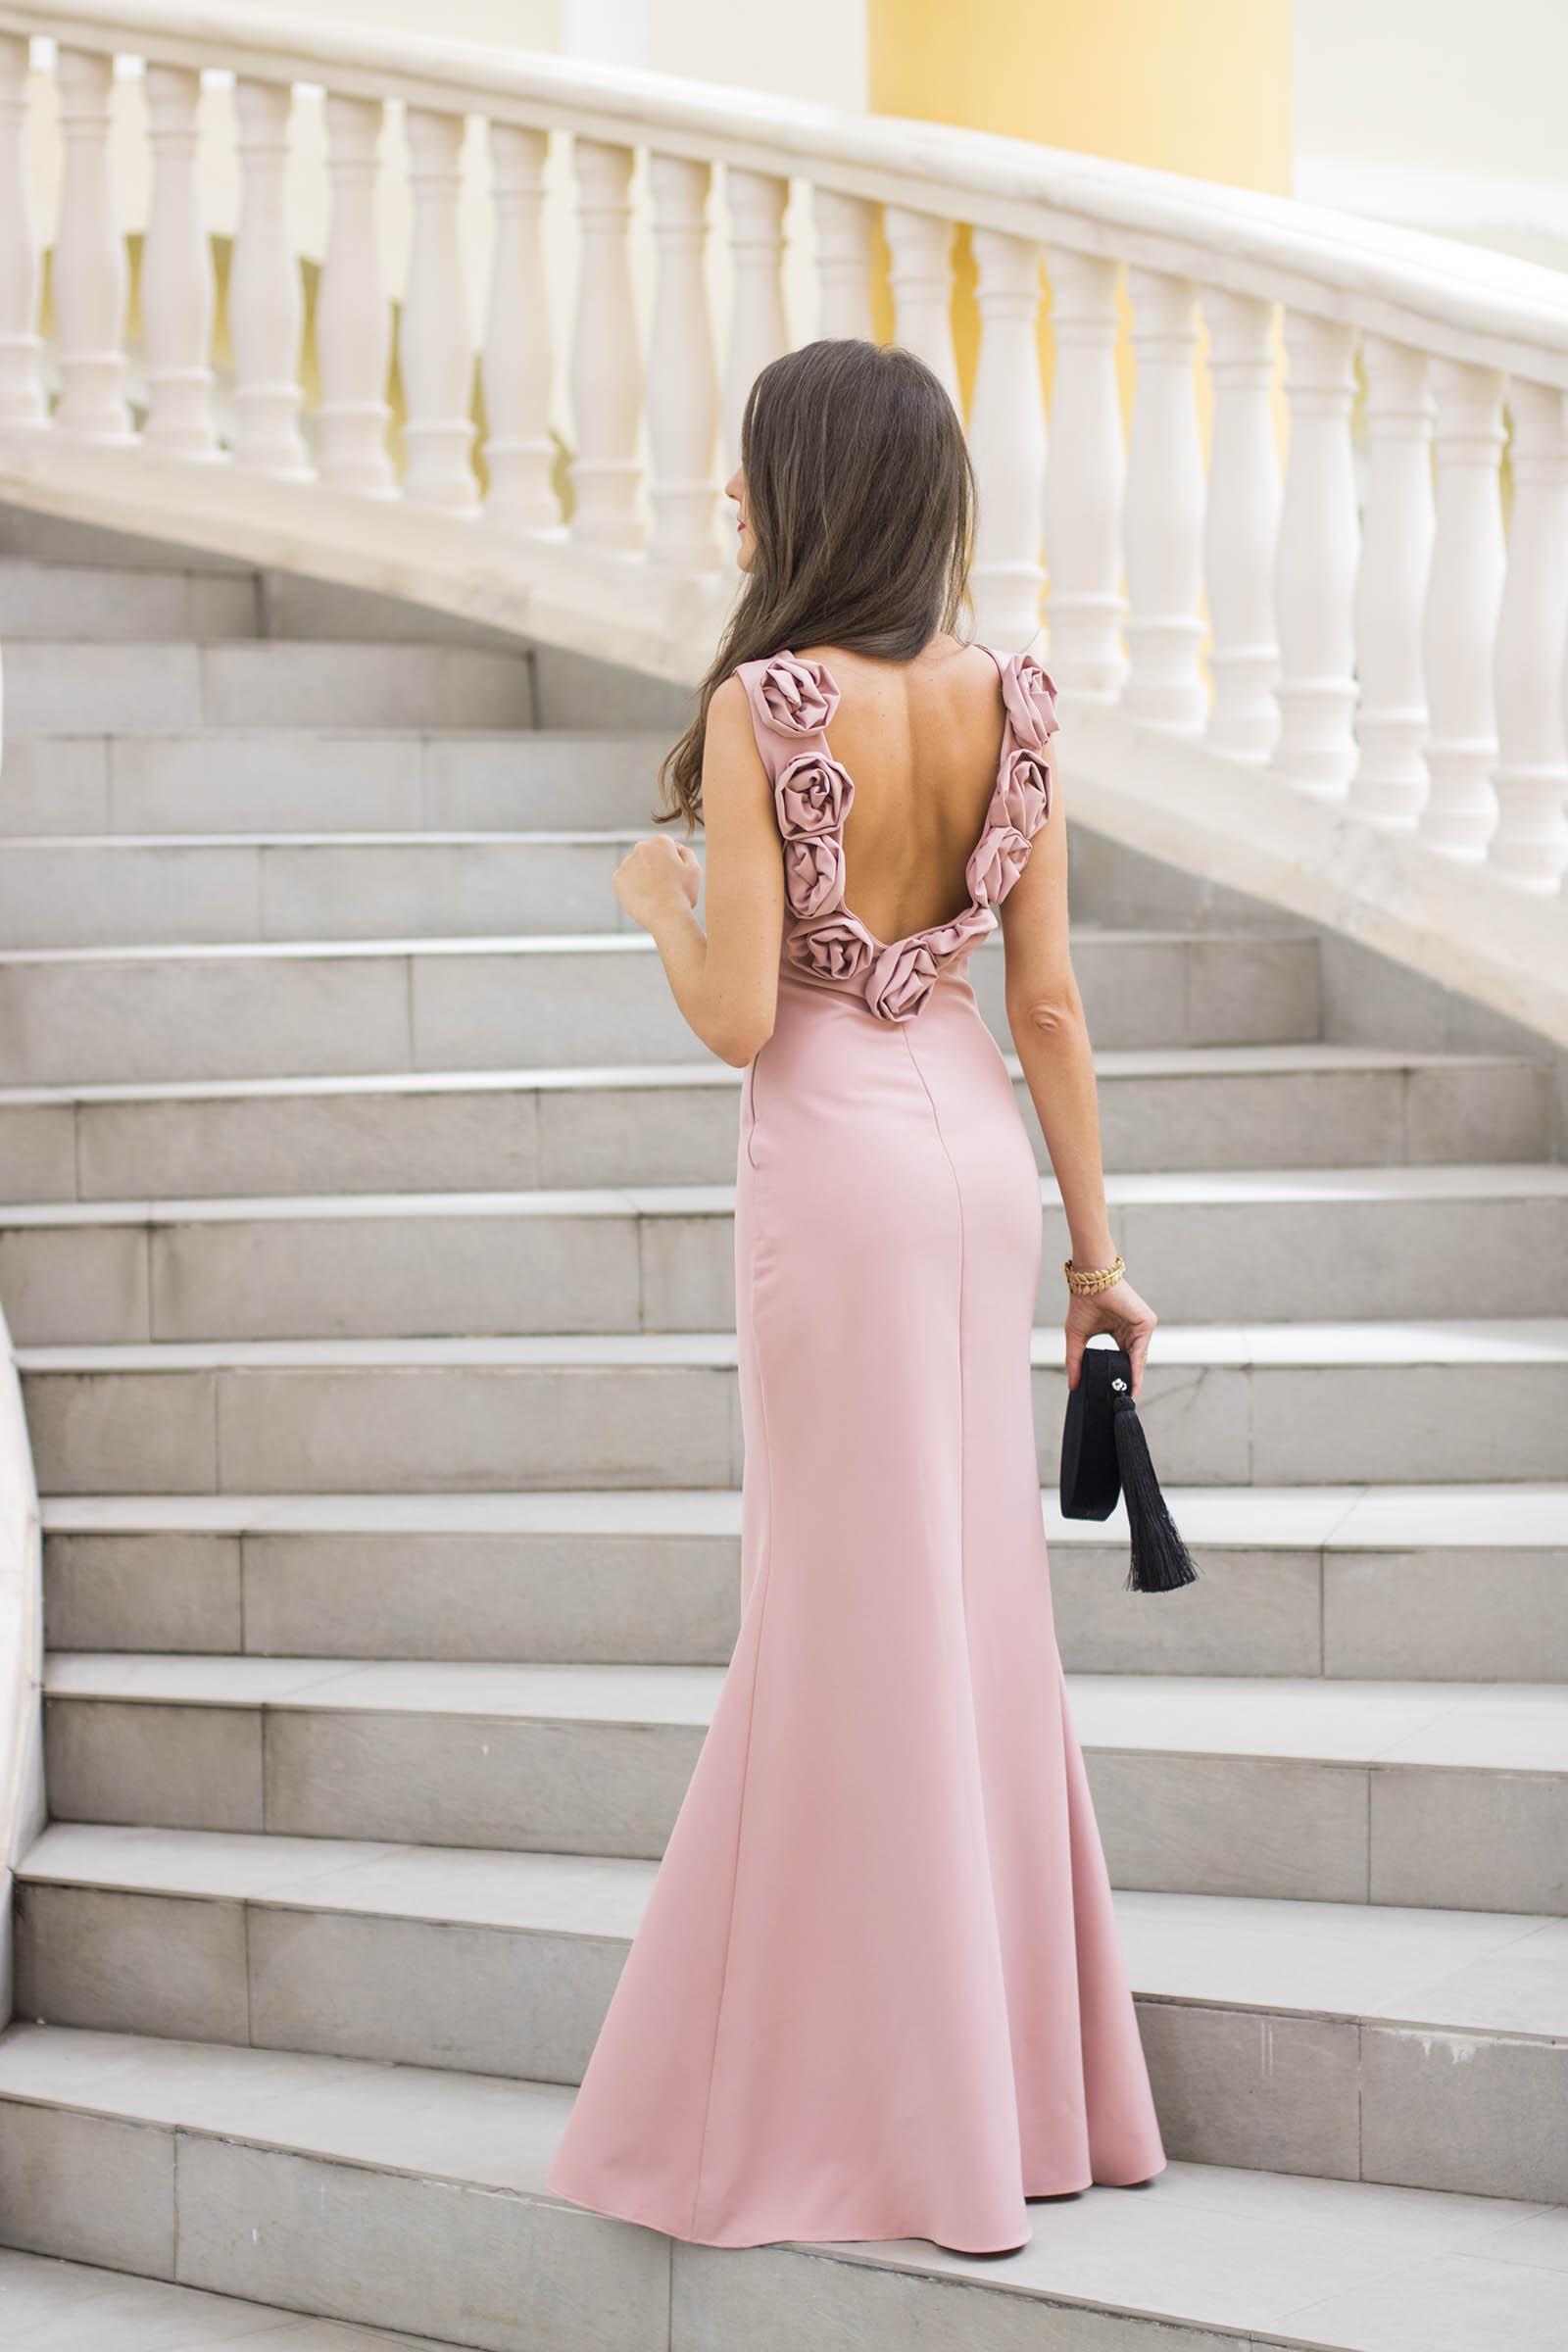 Moderno Vestido De Noche Boda Cresta - Colección de Vestidos de Boda ...